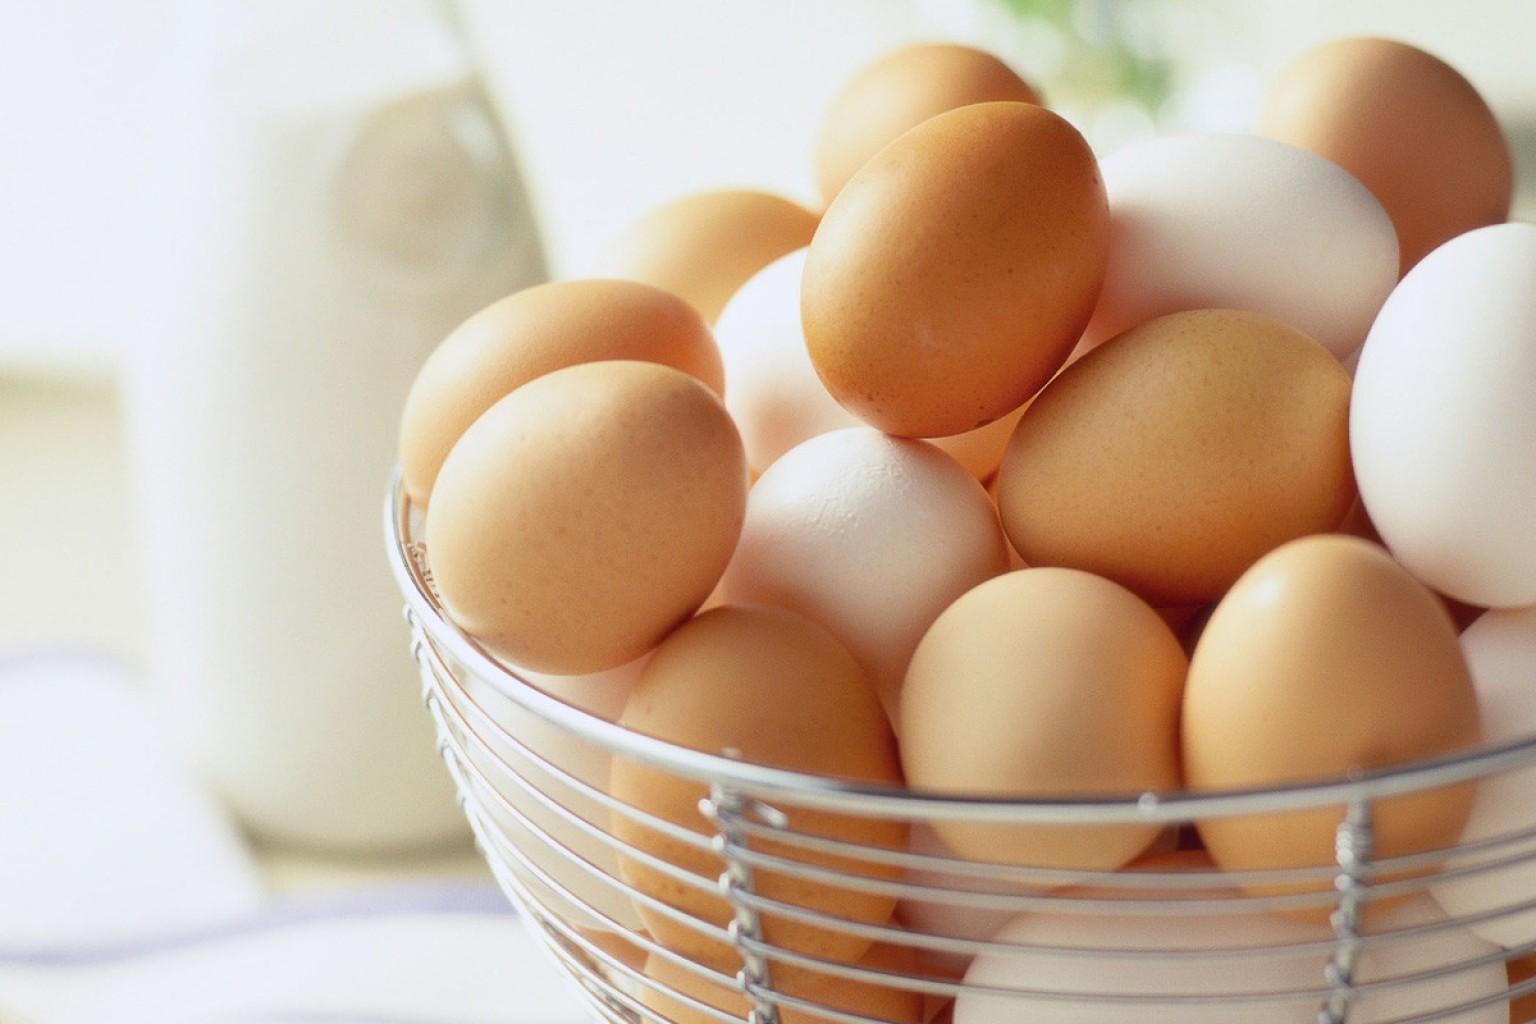 Вот как всего одно куриное яйцо может быть полезно в быту